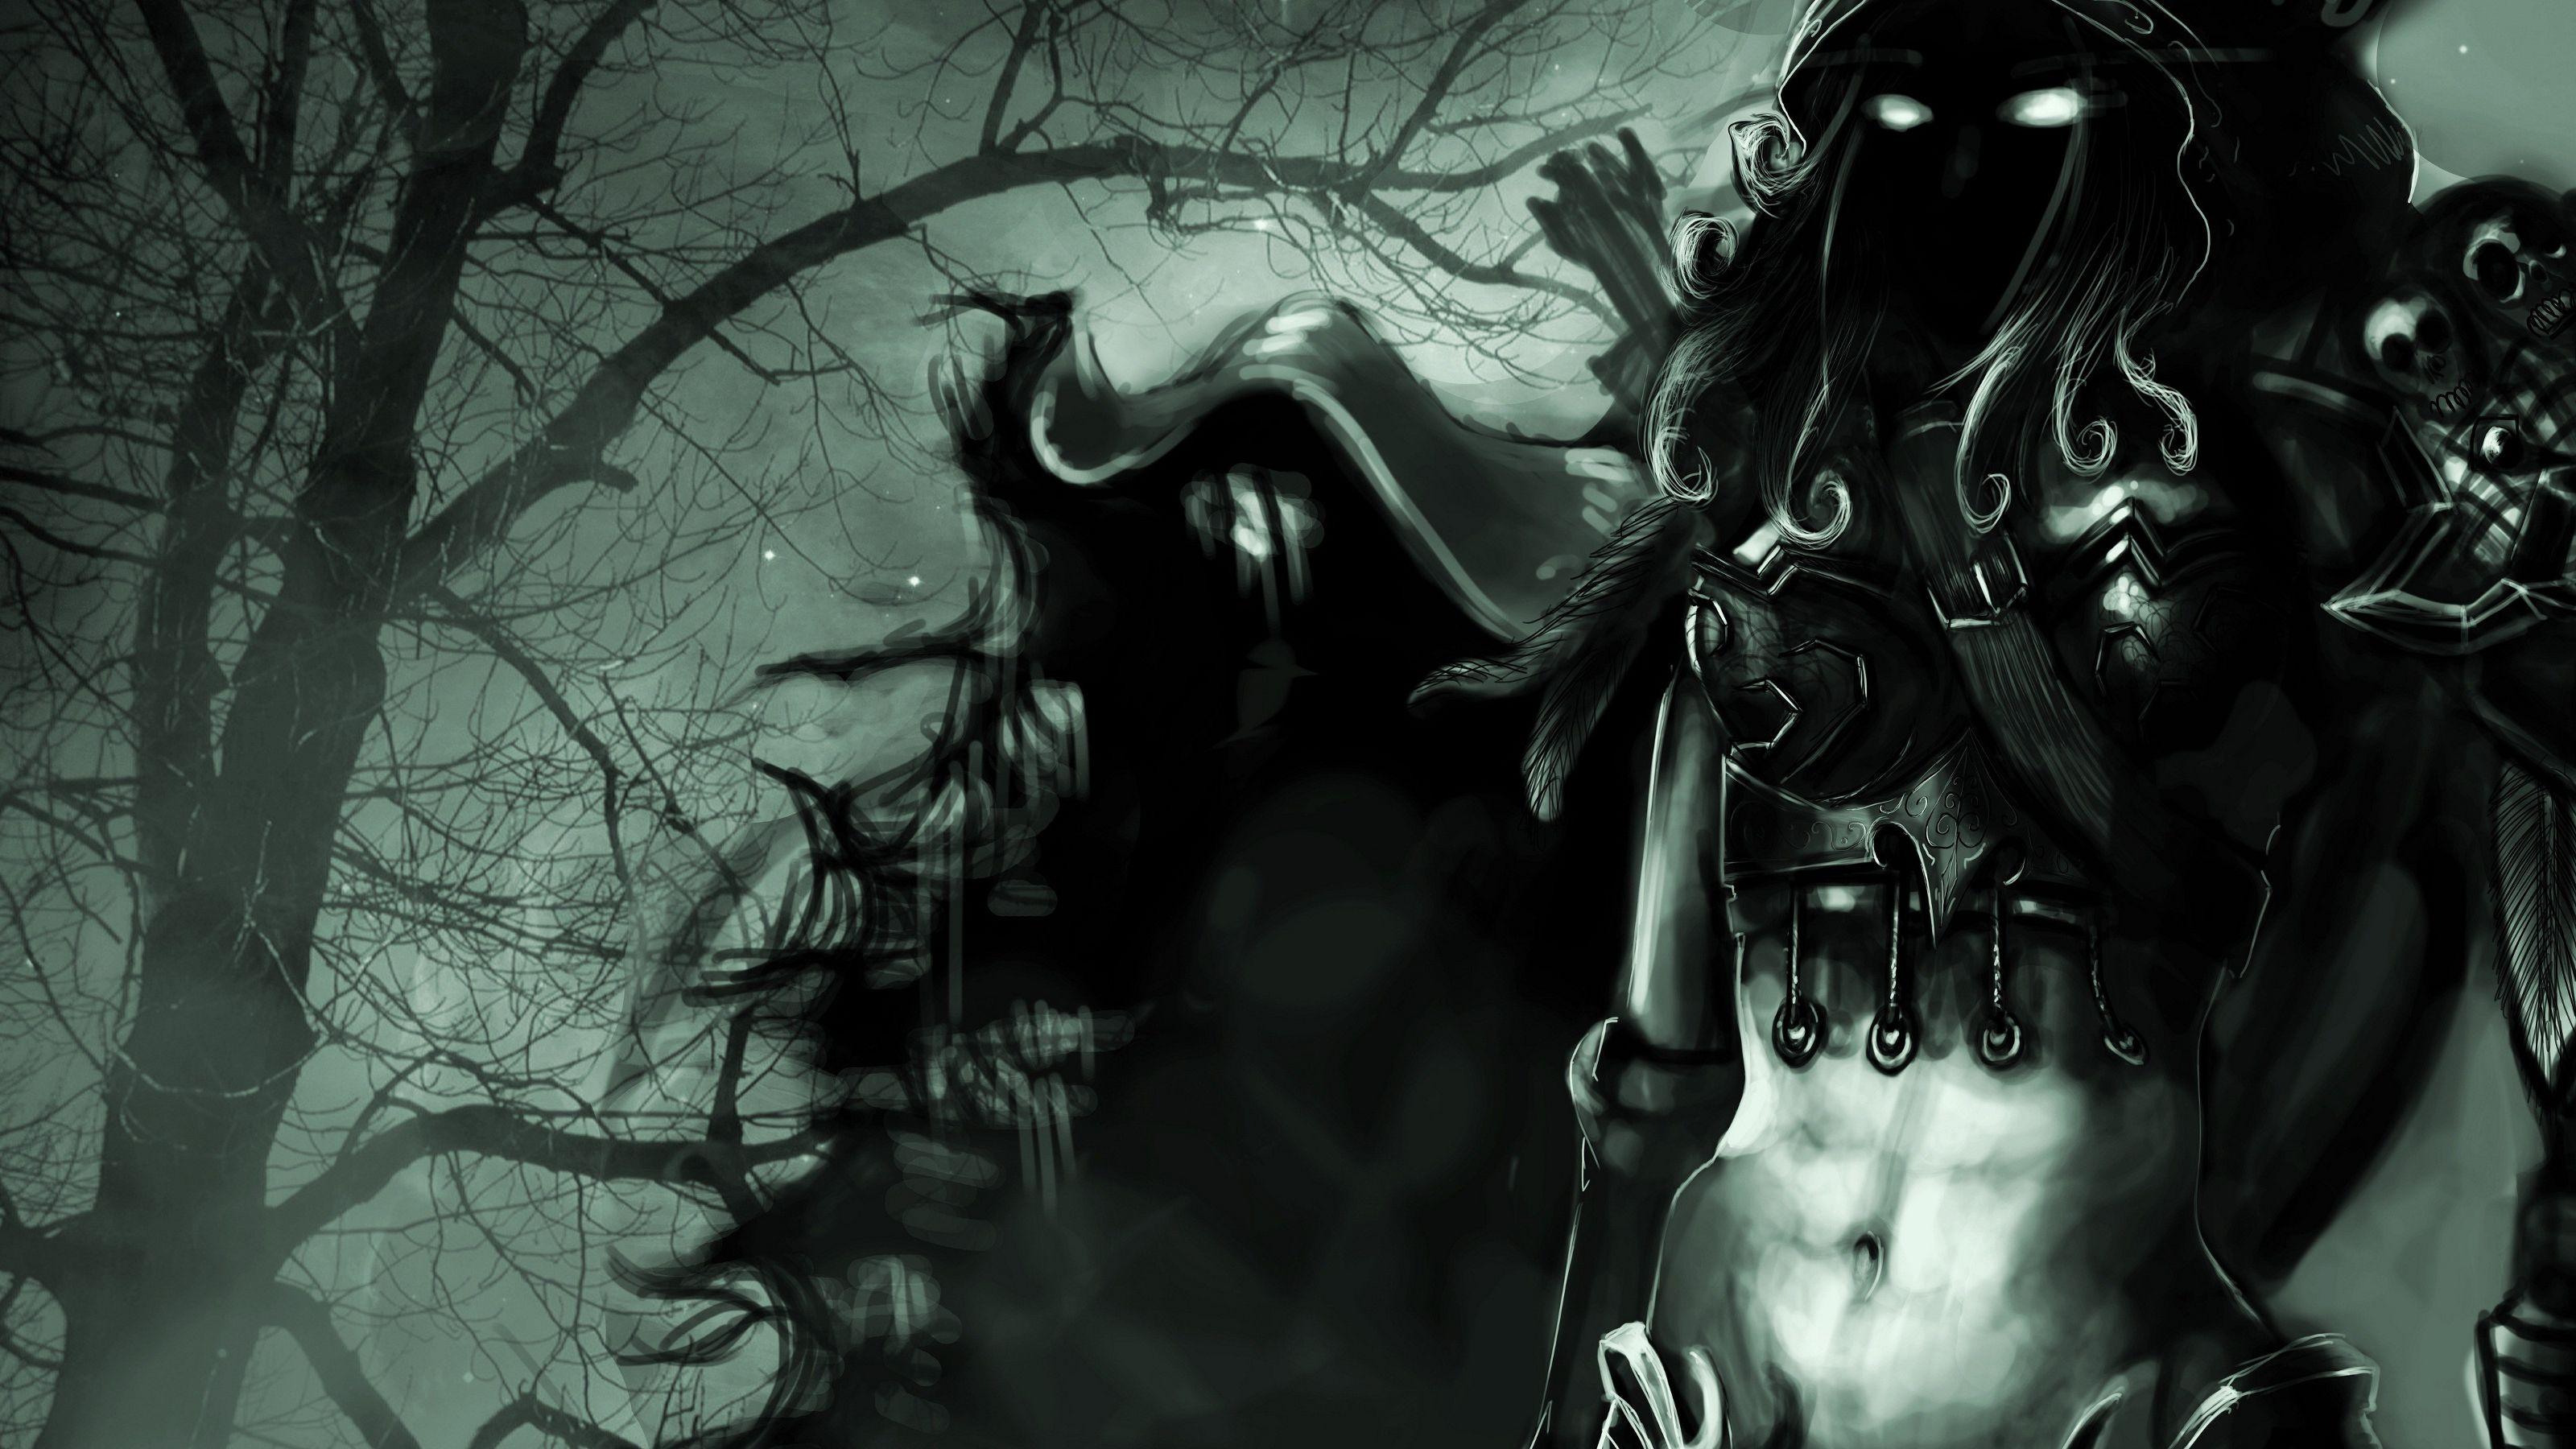 Fantasy - Warrior  Wallpaper